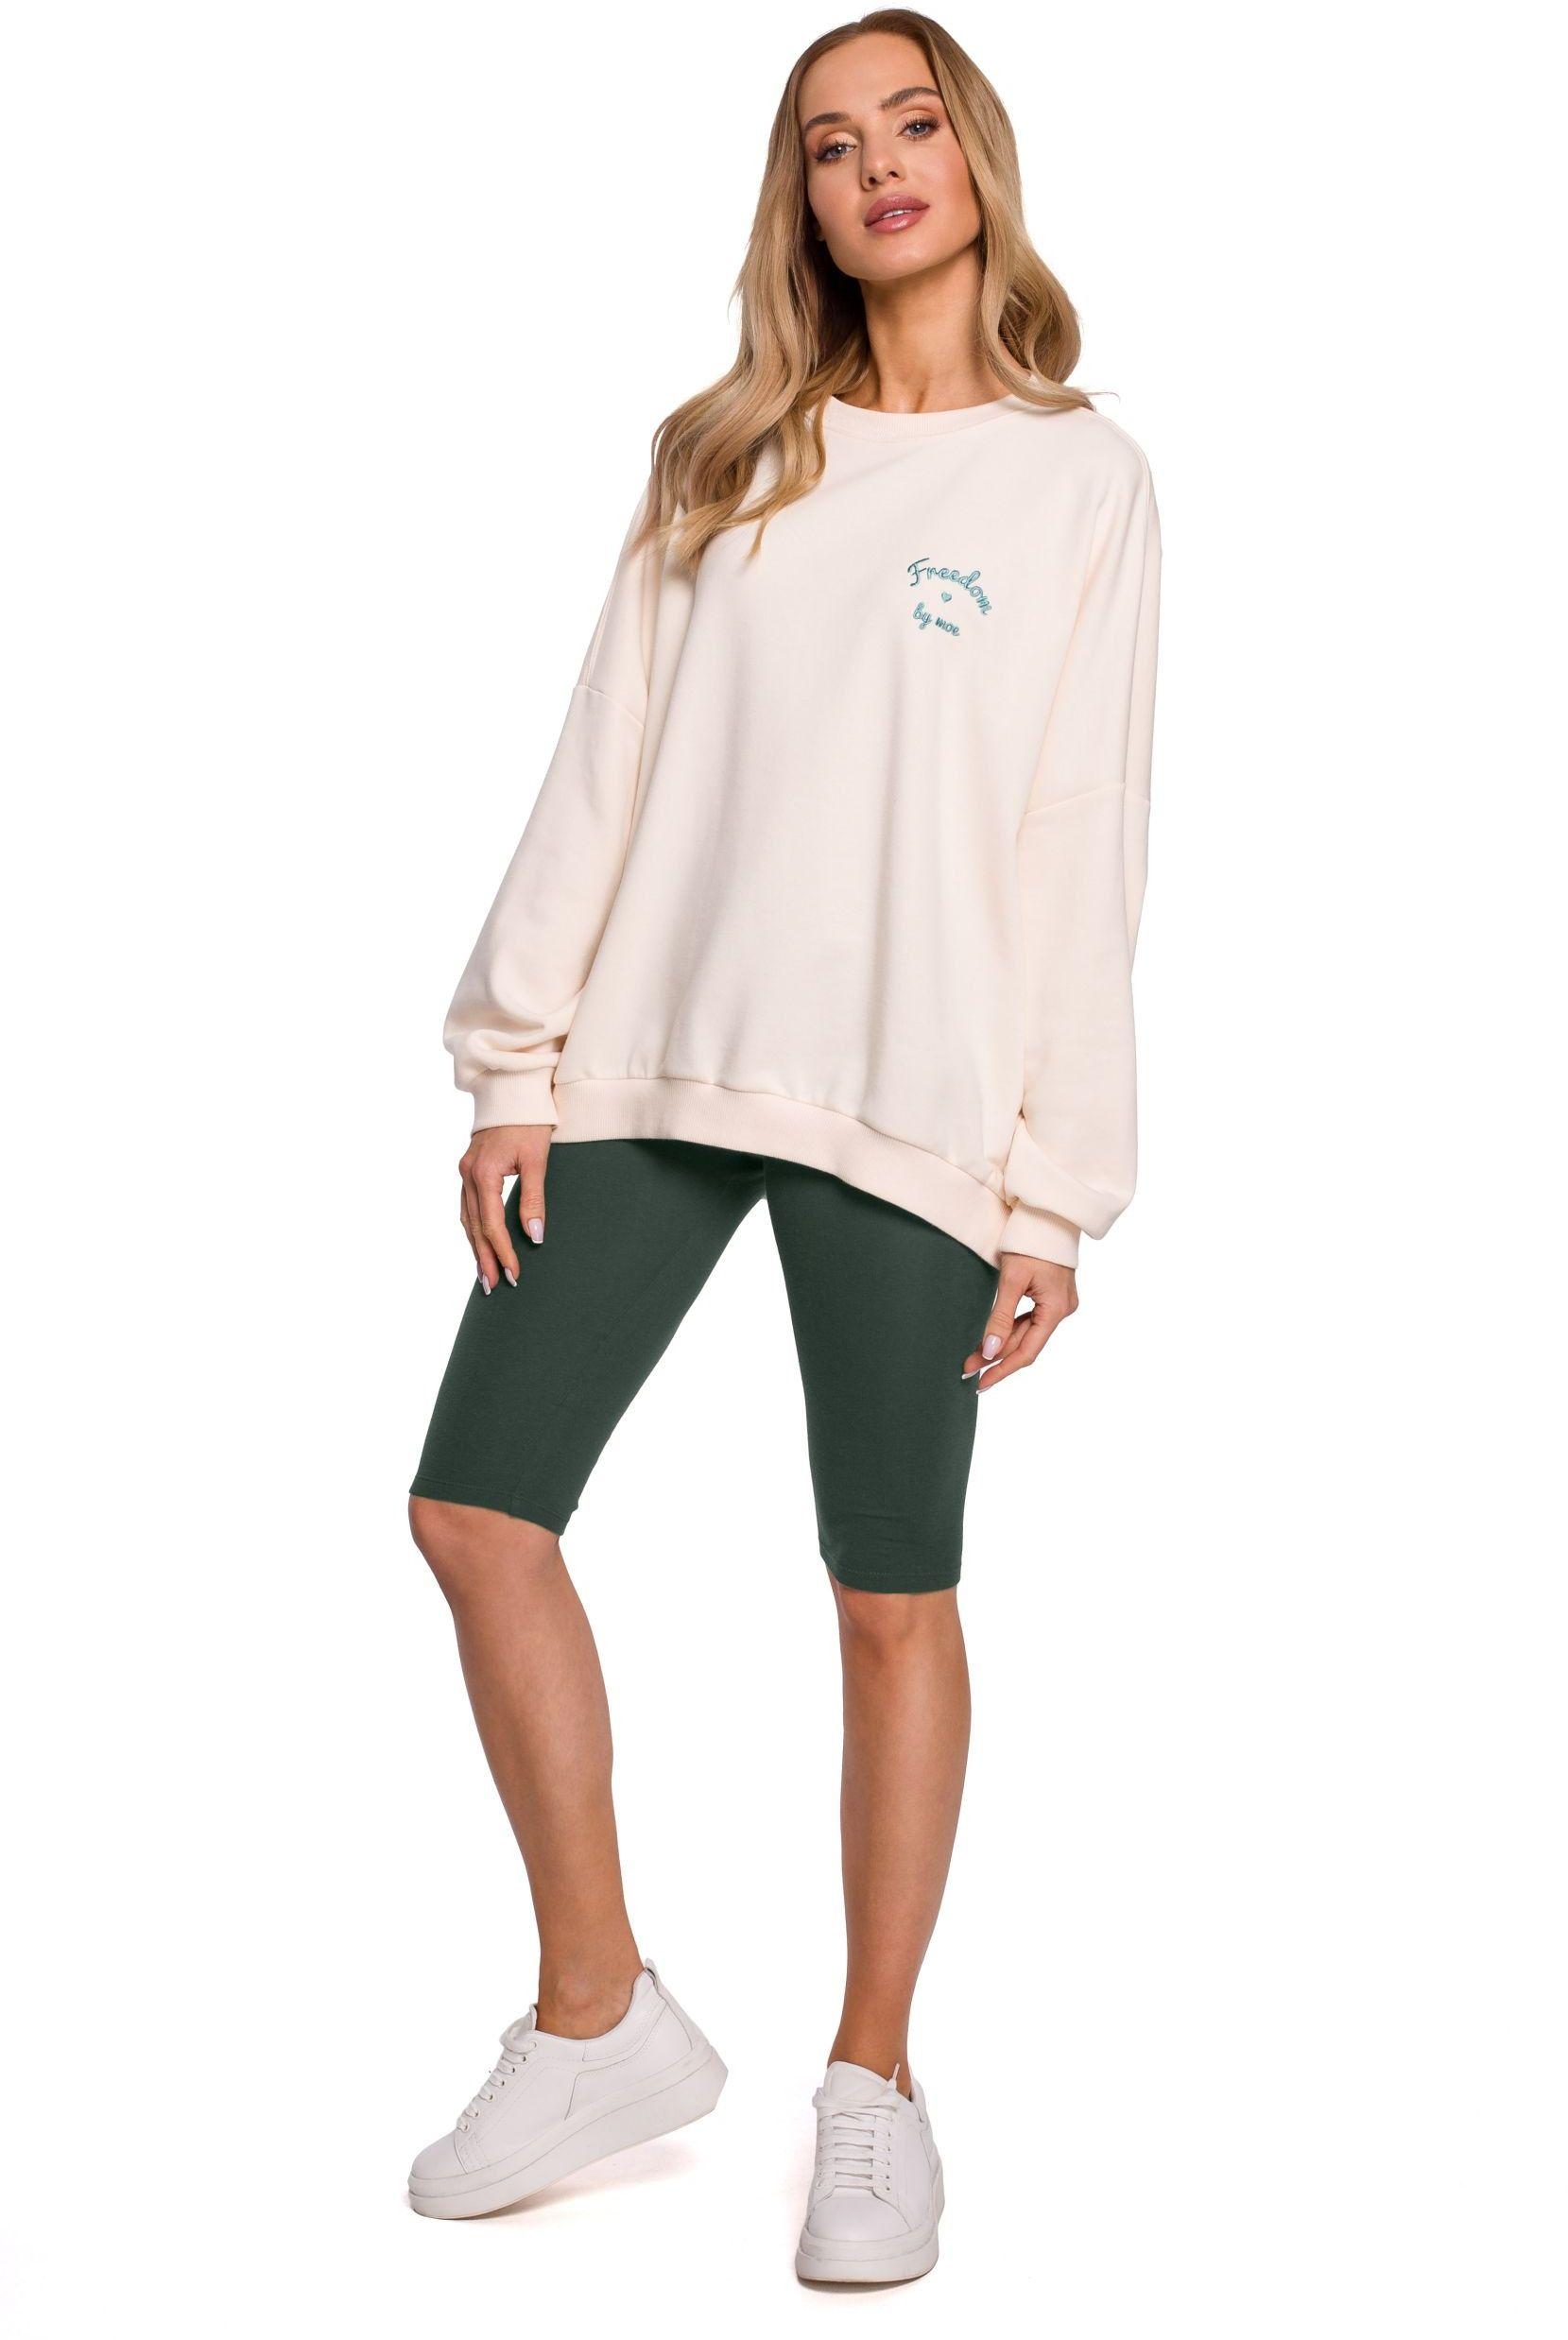 Bawełniane legginsy typu kolarki - zielone